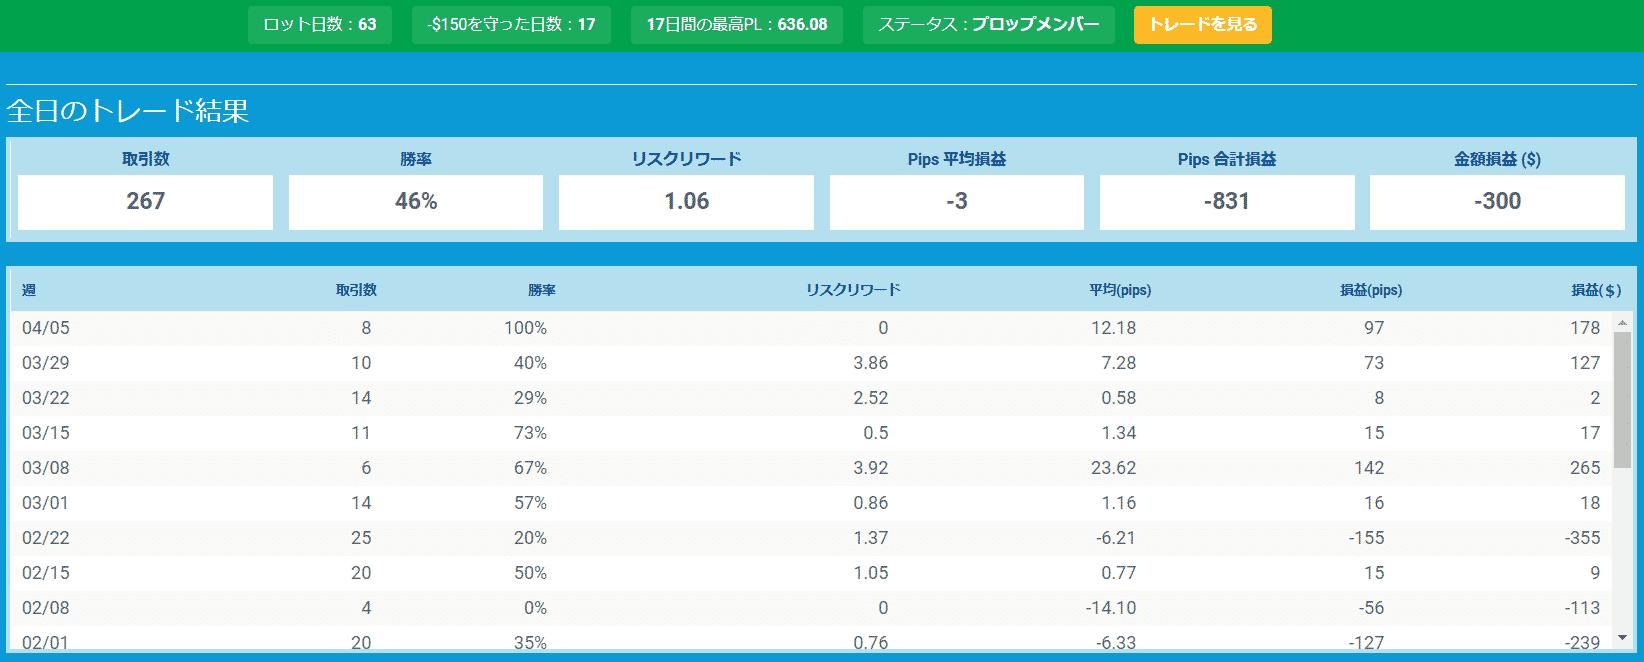 プロップトレーダーチャートHara3